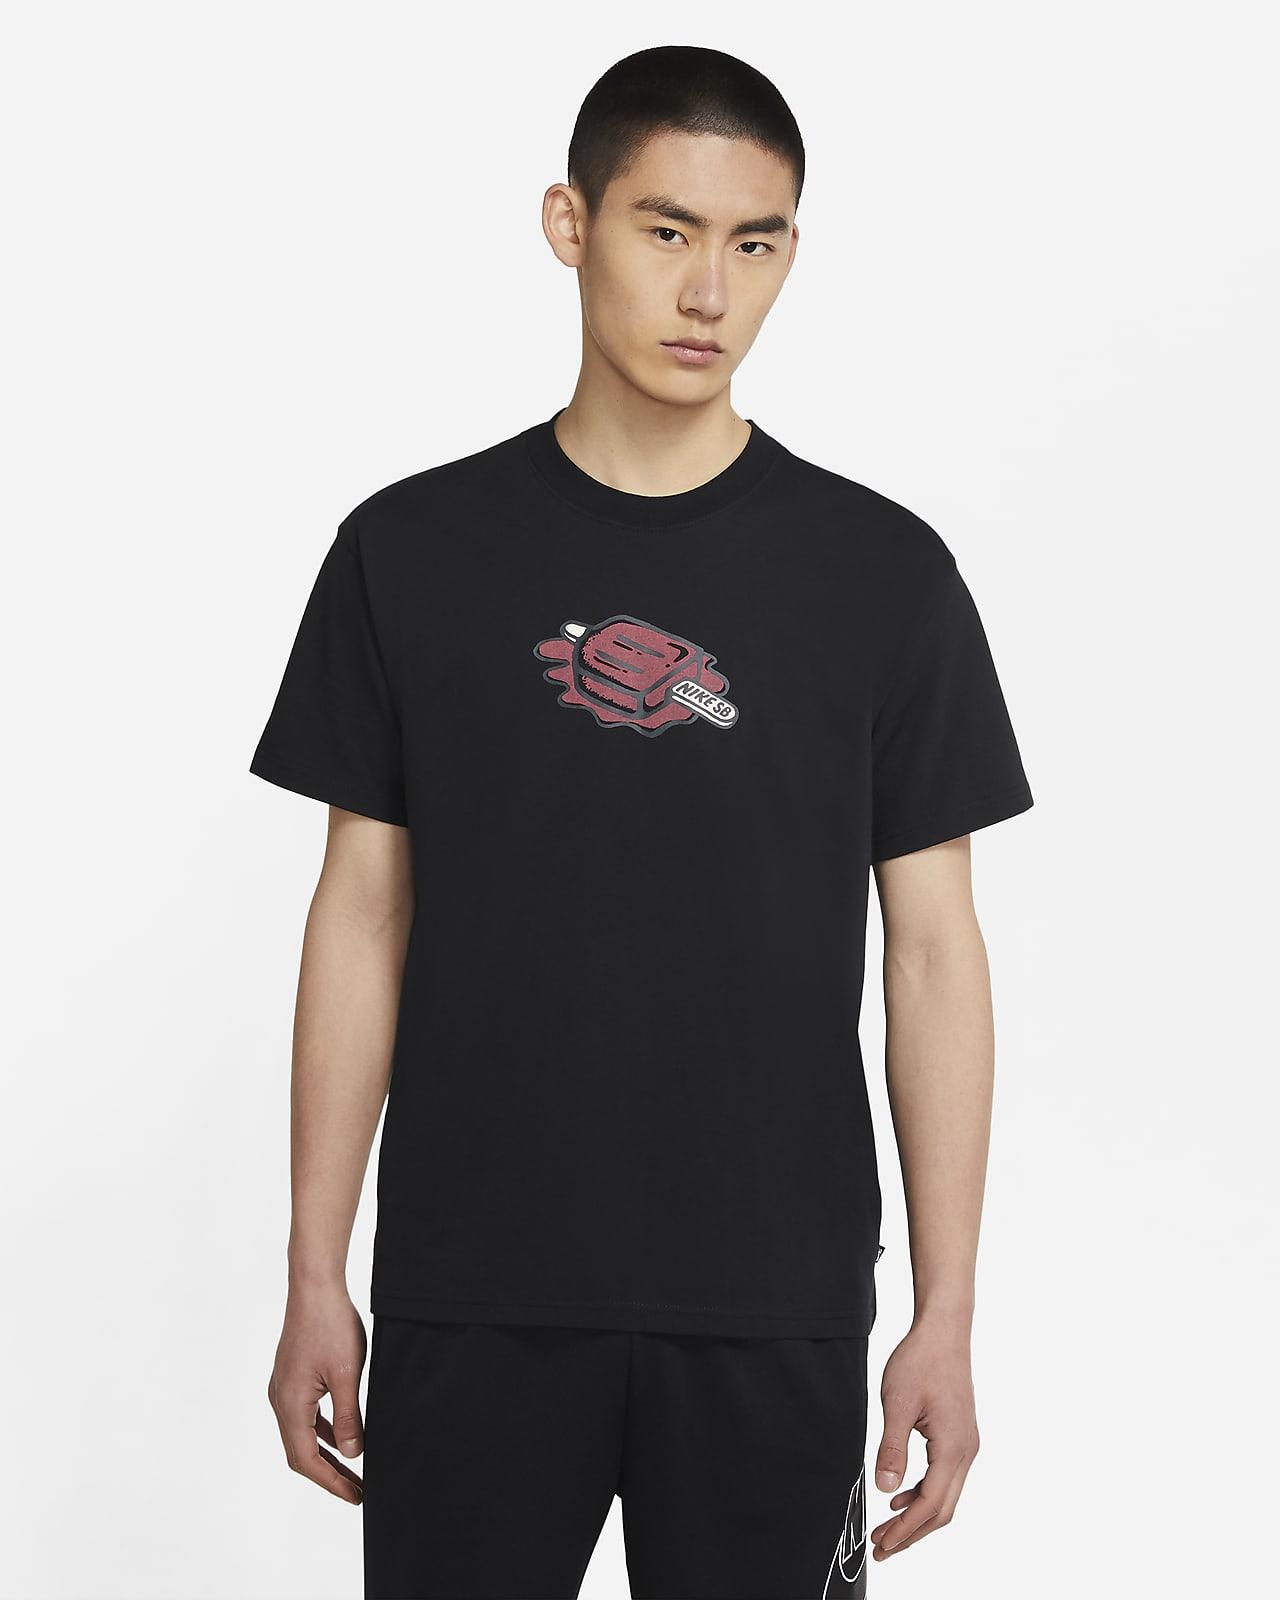 เสื้อยืดสเก็ตบอร์ด Nike SB